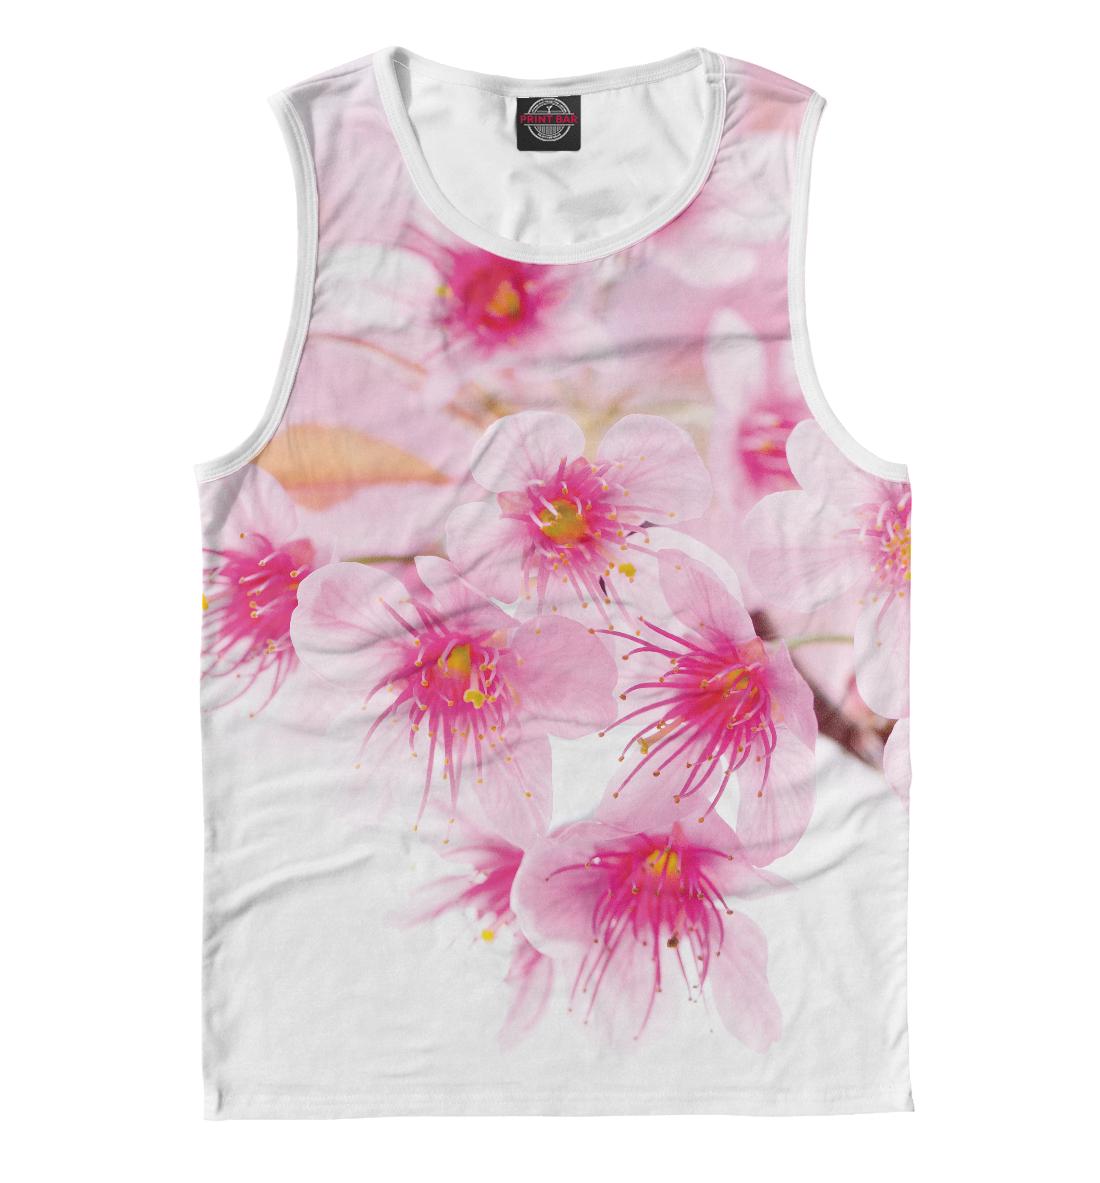 Купить Вишнёвый цвет, Printbar, Майки, CVE-219744-may-2